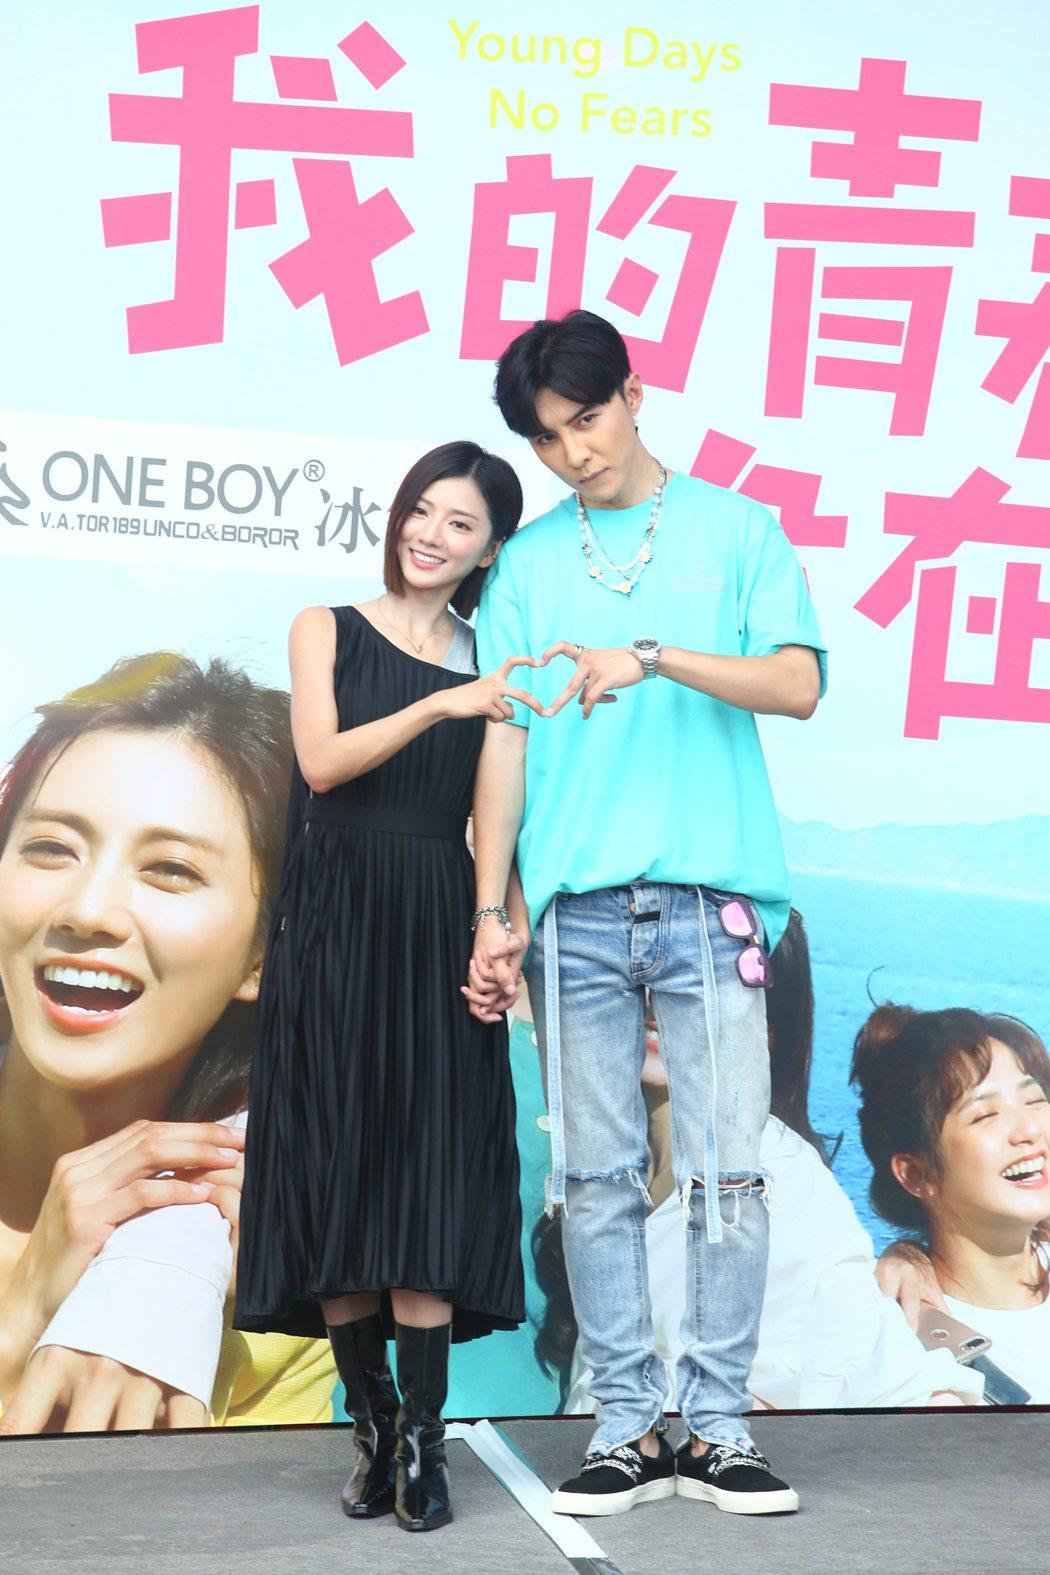 唐禹哲與豆花妹之前合作演出的「我的青春沒在怕」。 圖/聯合報系資料照